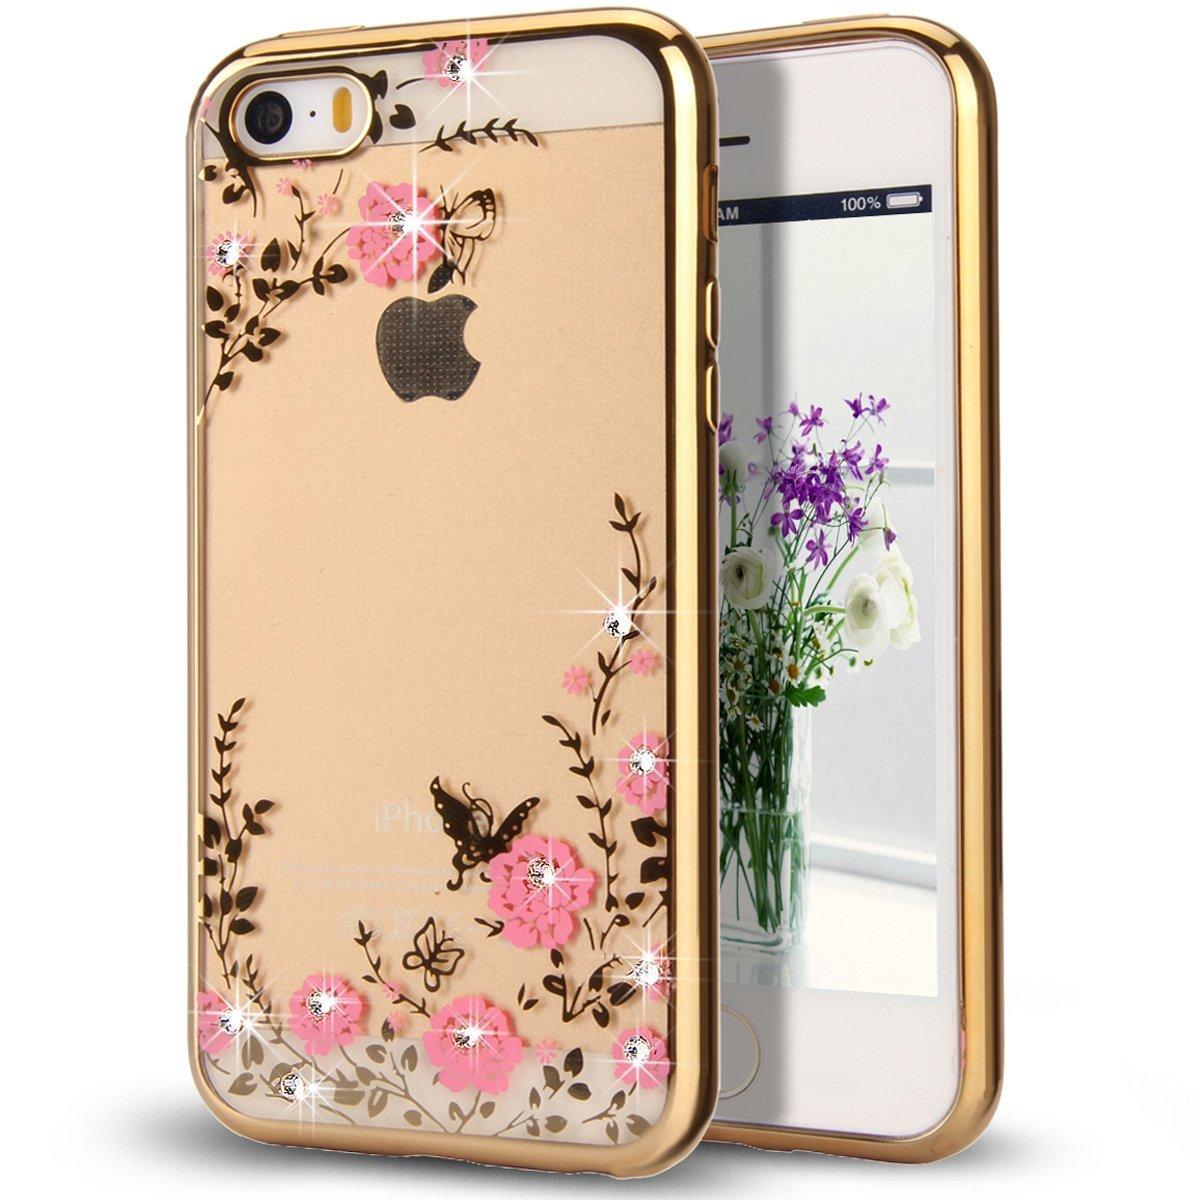 Obal / kryt Crystal Flowers pro iPhone SE / 5s / 5 (gold)